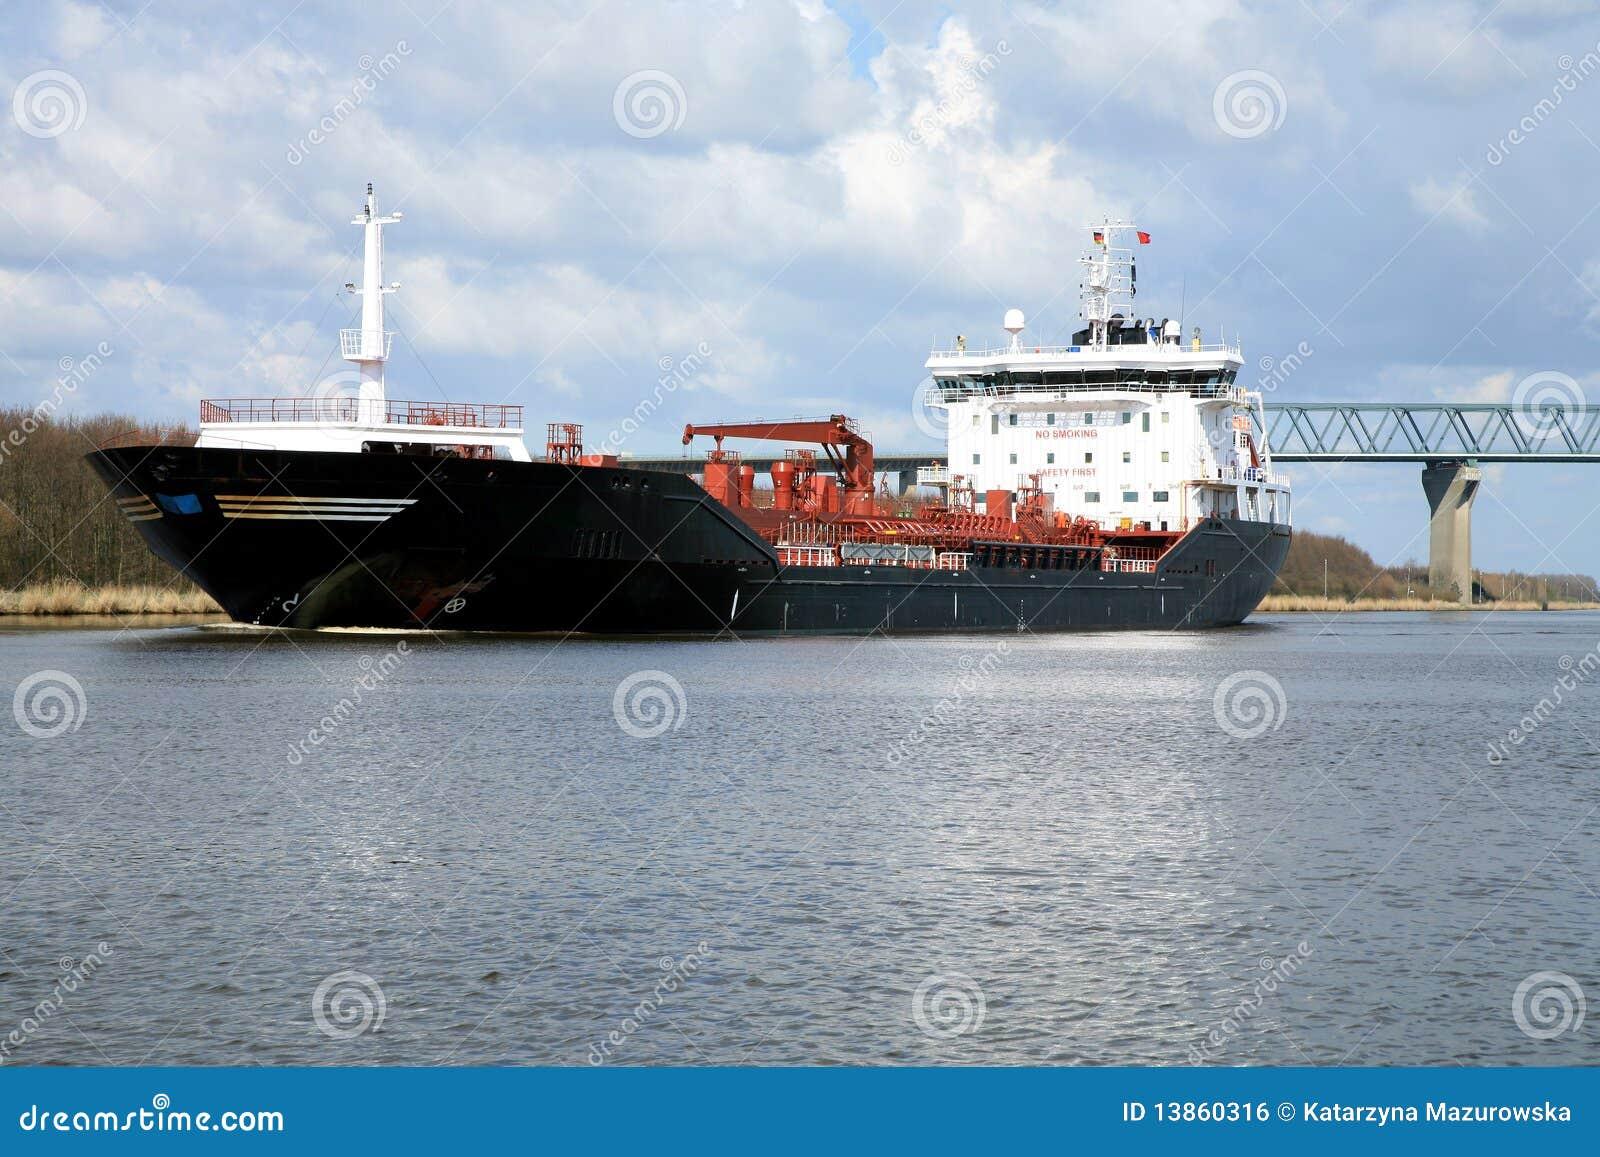 Envie com carga no canal de Kiel, Alemanha.